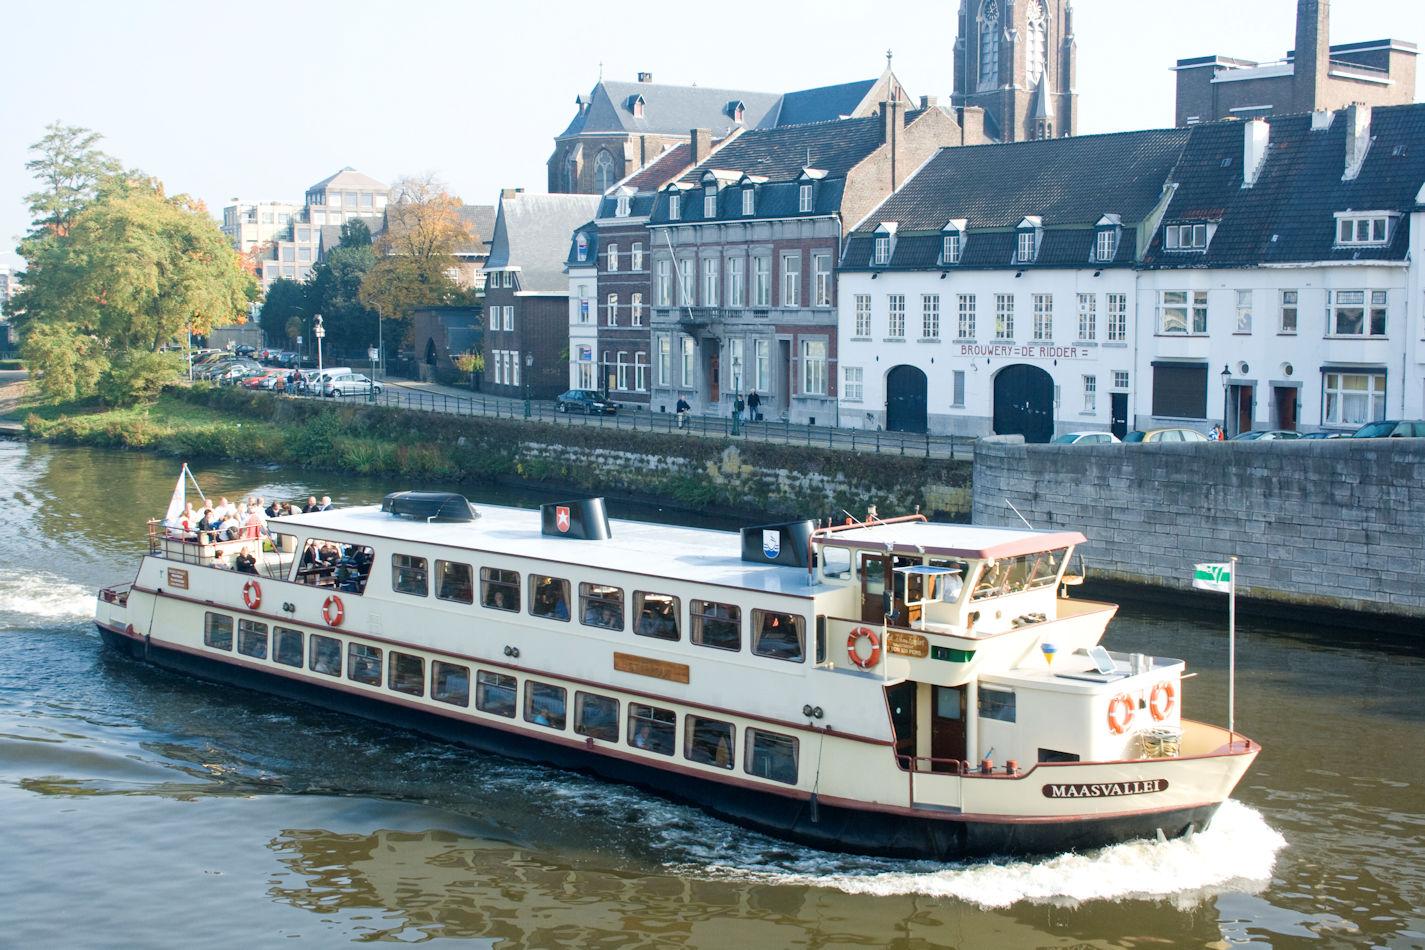 Brunchen en varen op de Maas!